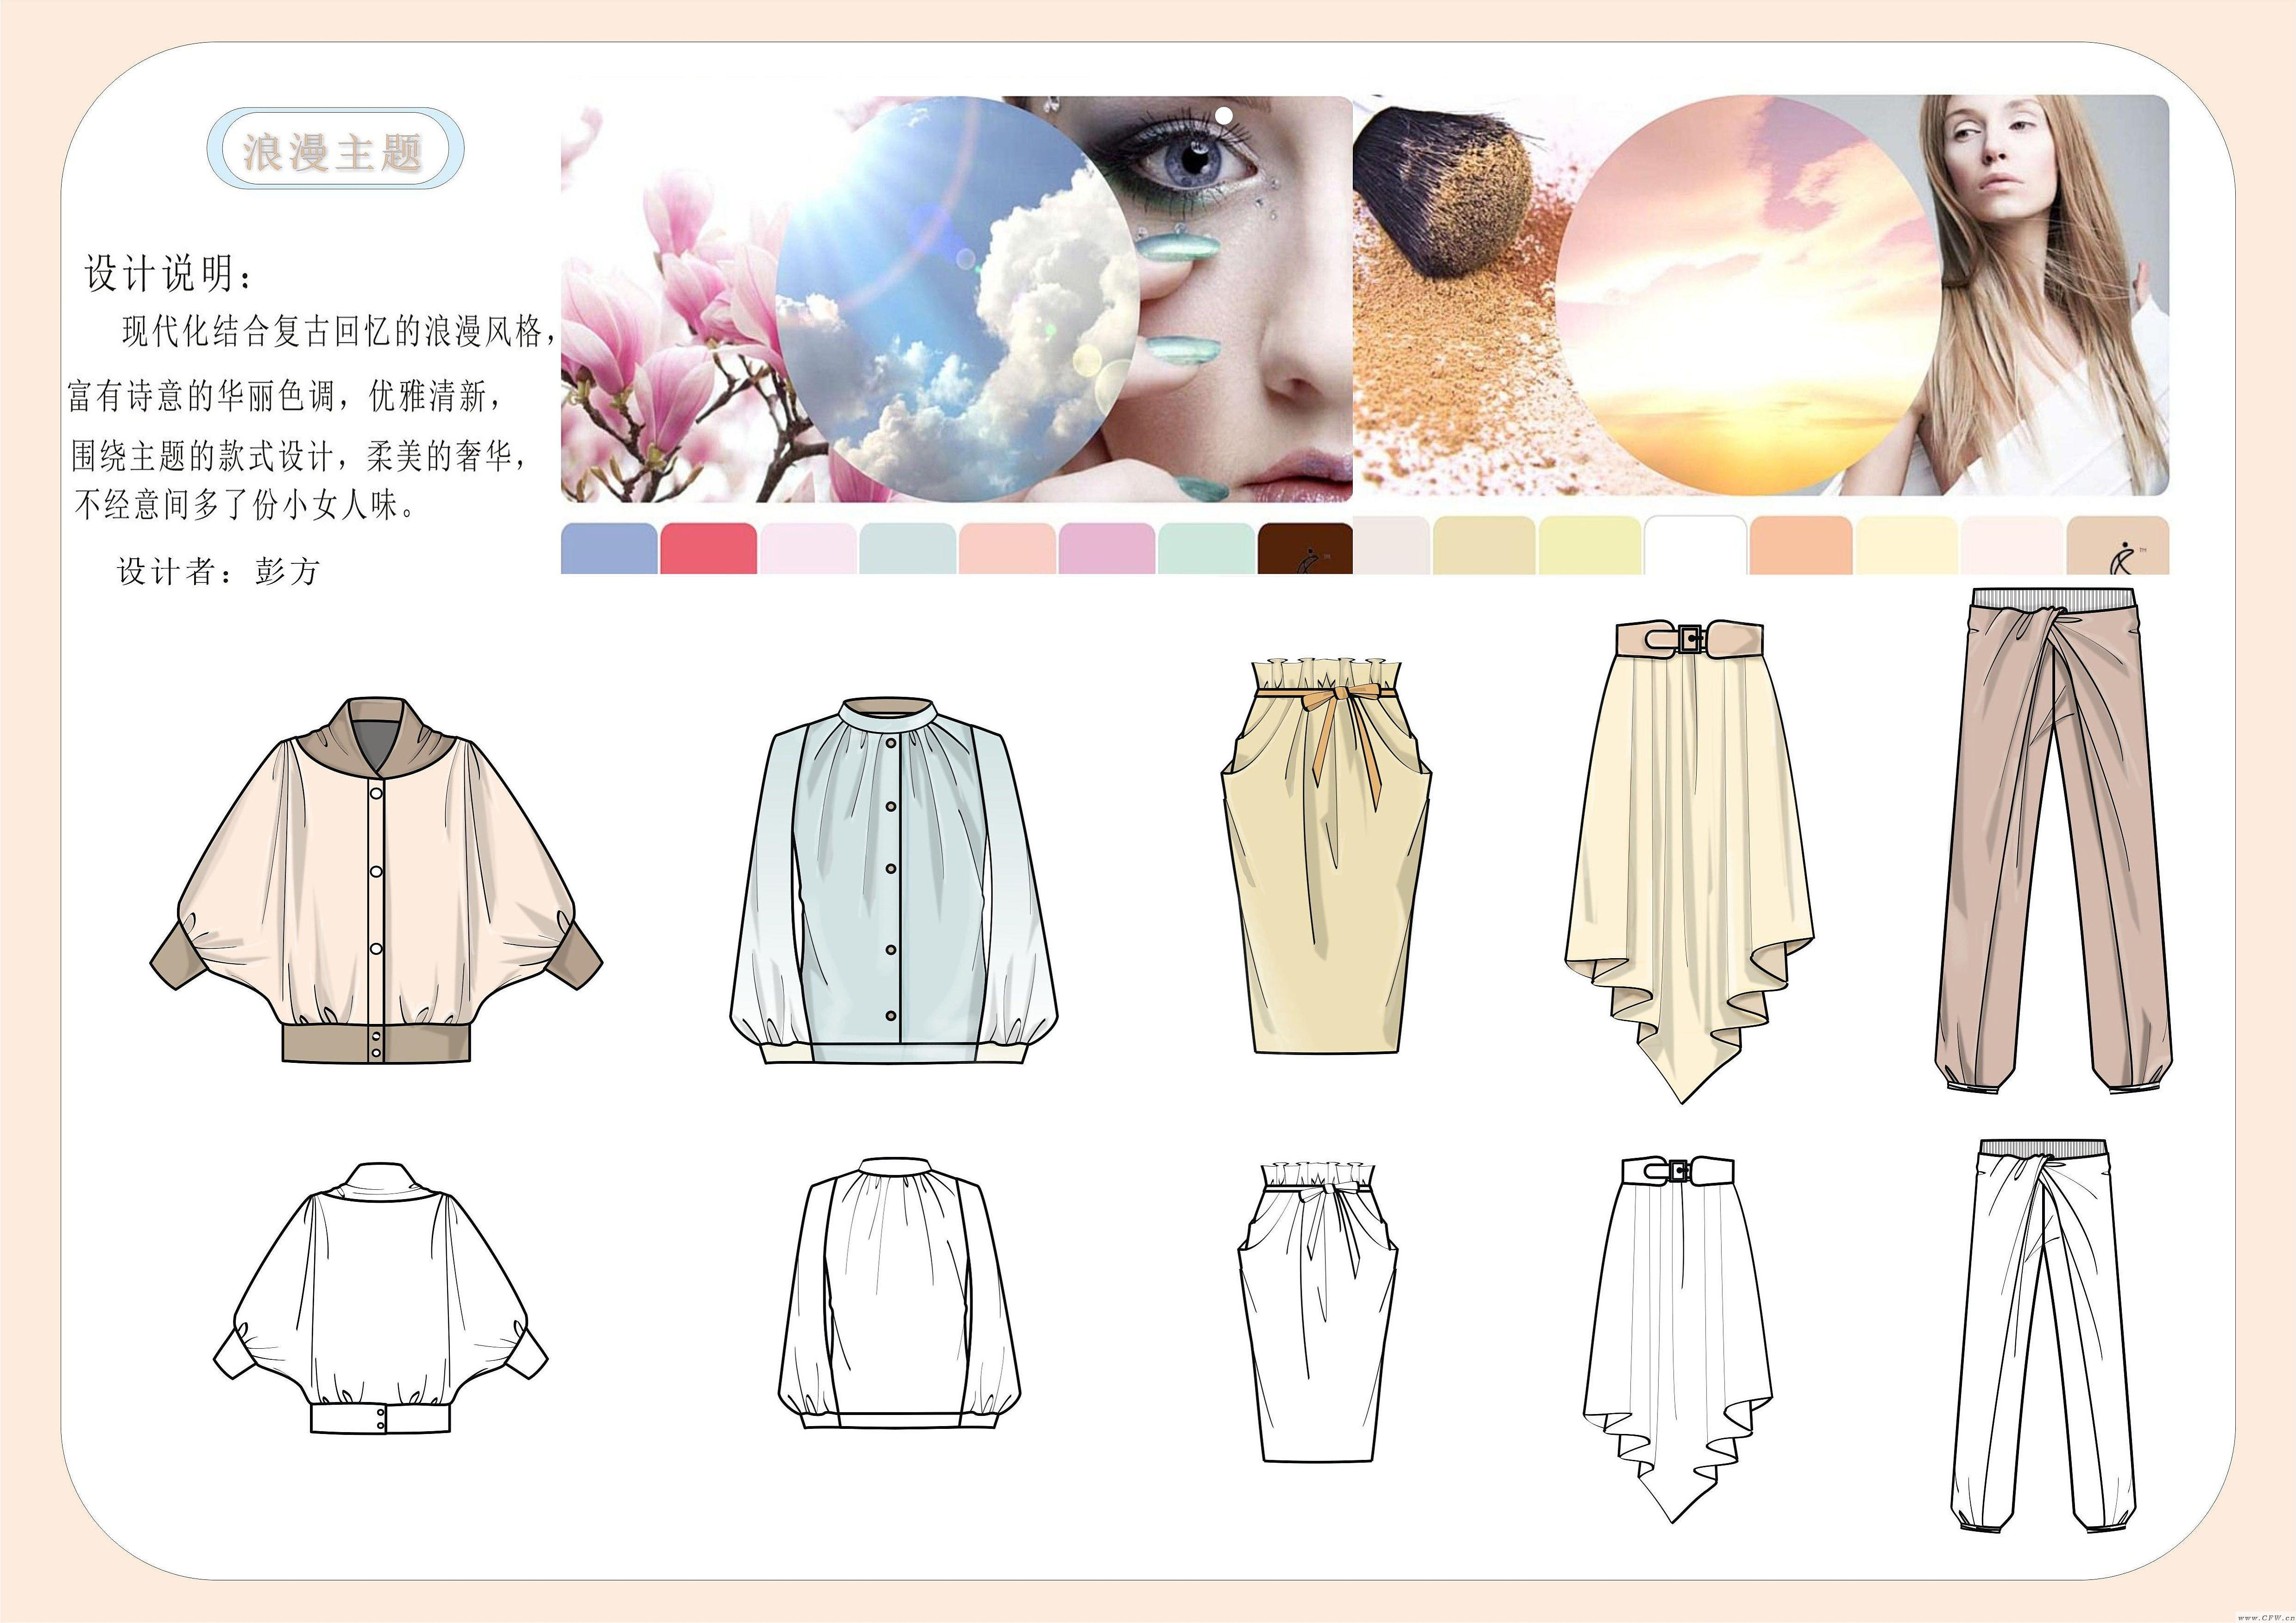 女裝衣服款式圖-女裝設計-服裝設計